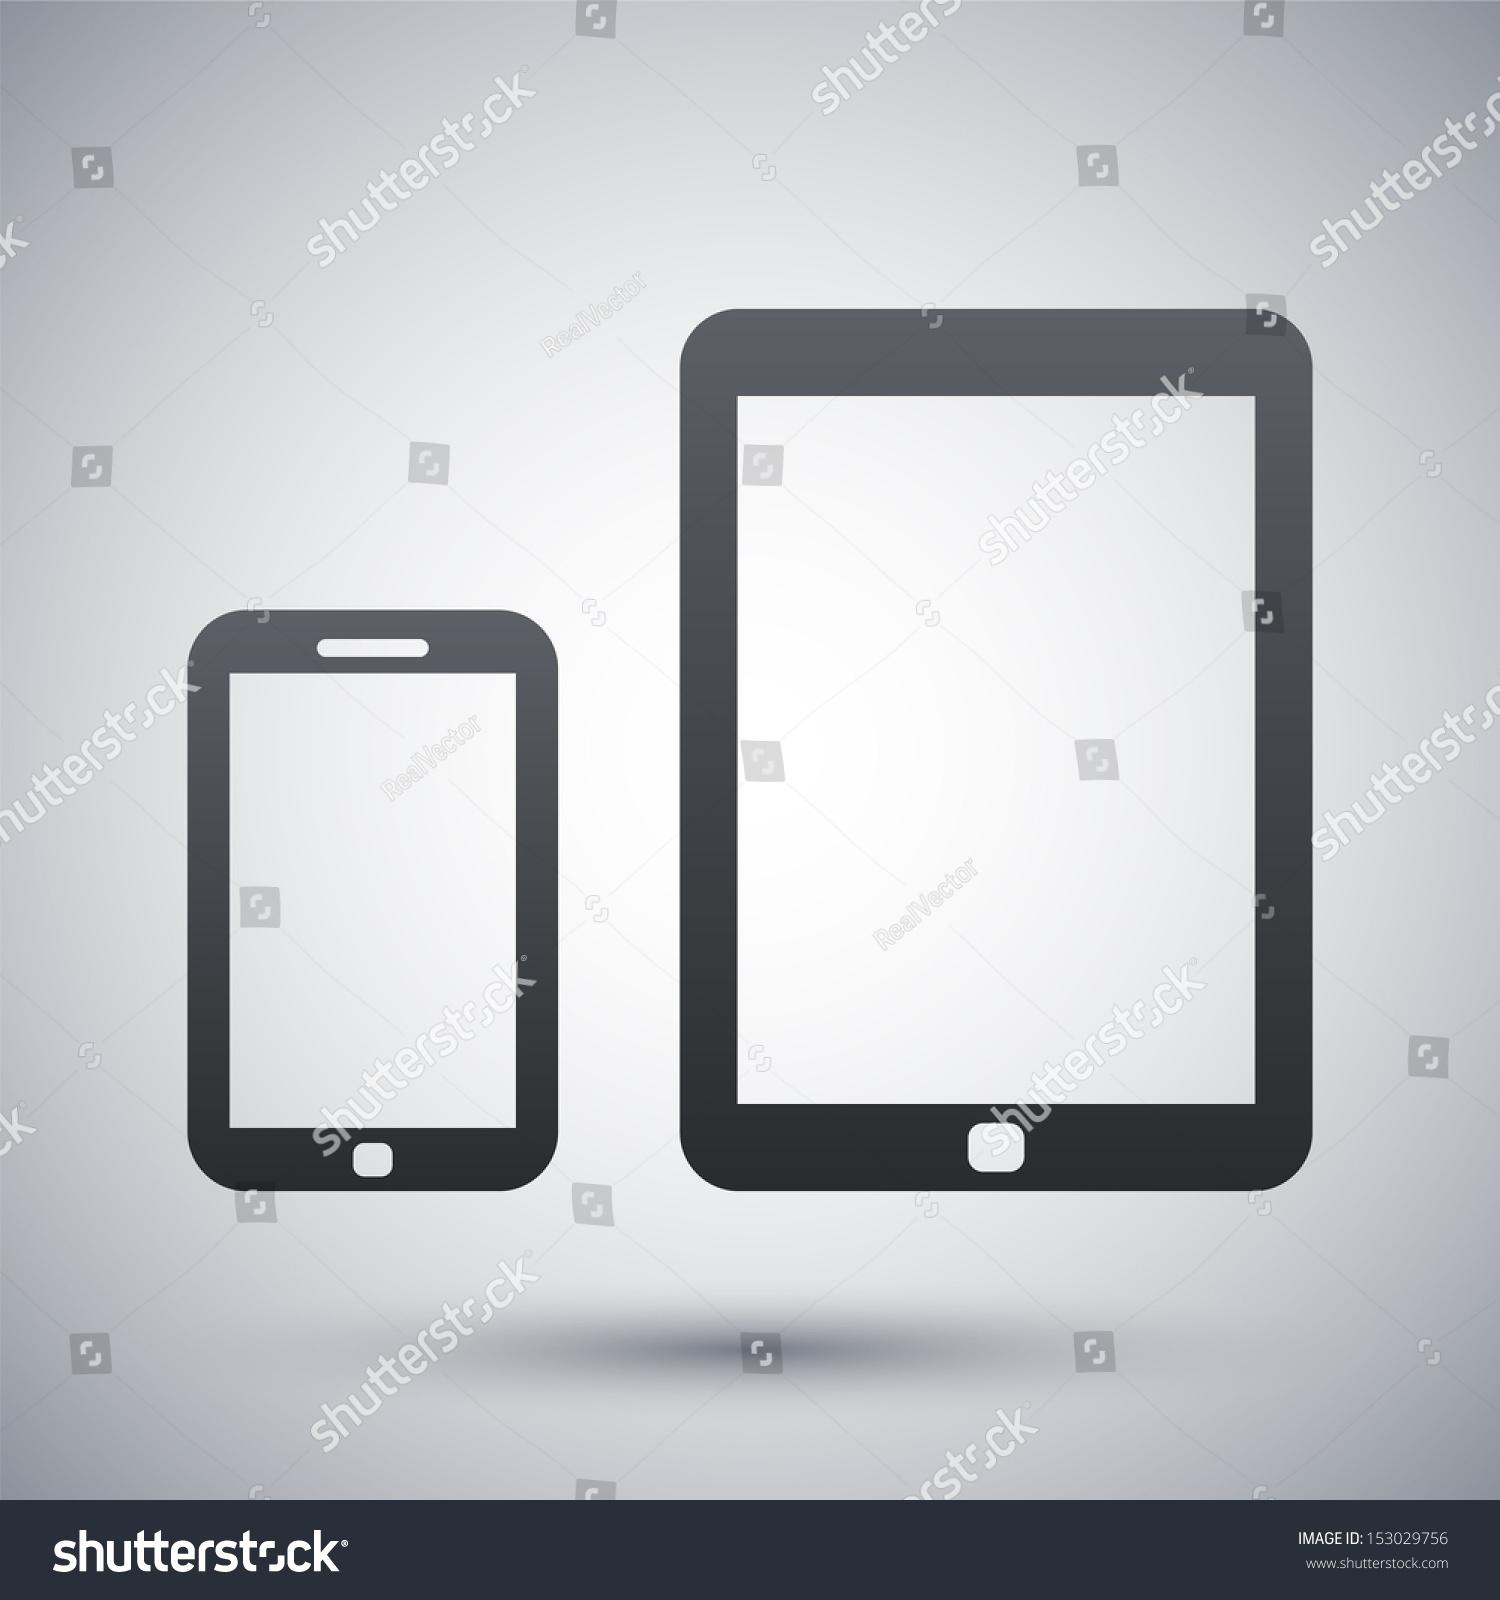 向量的智能手机和平板电脑图标